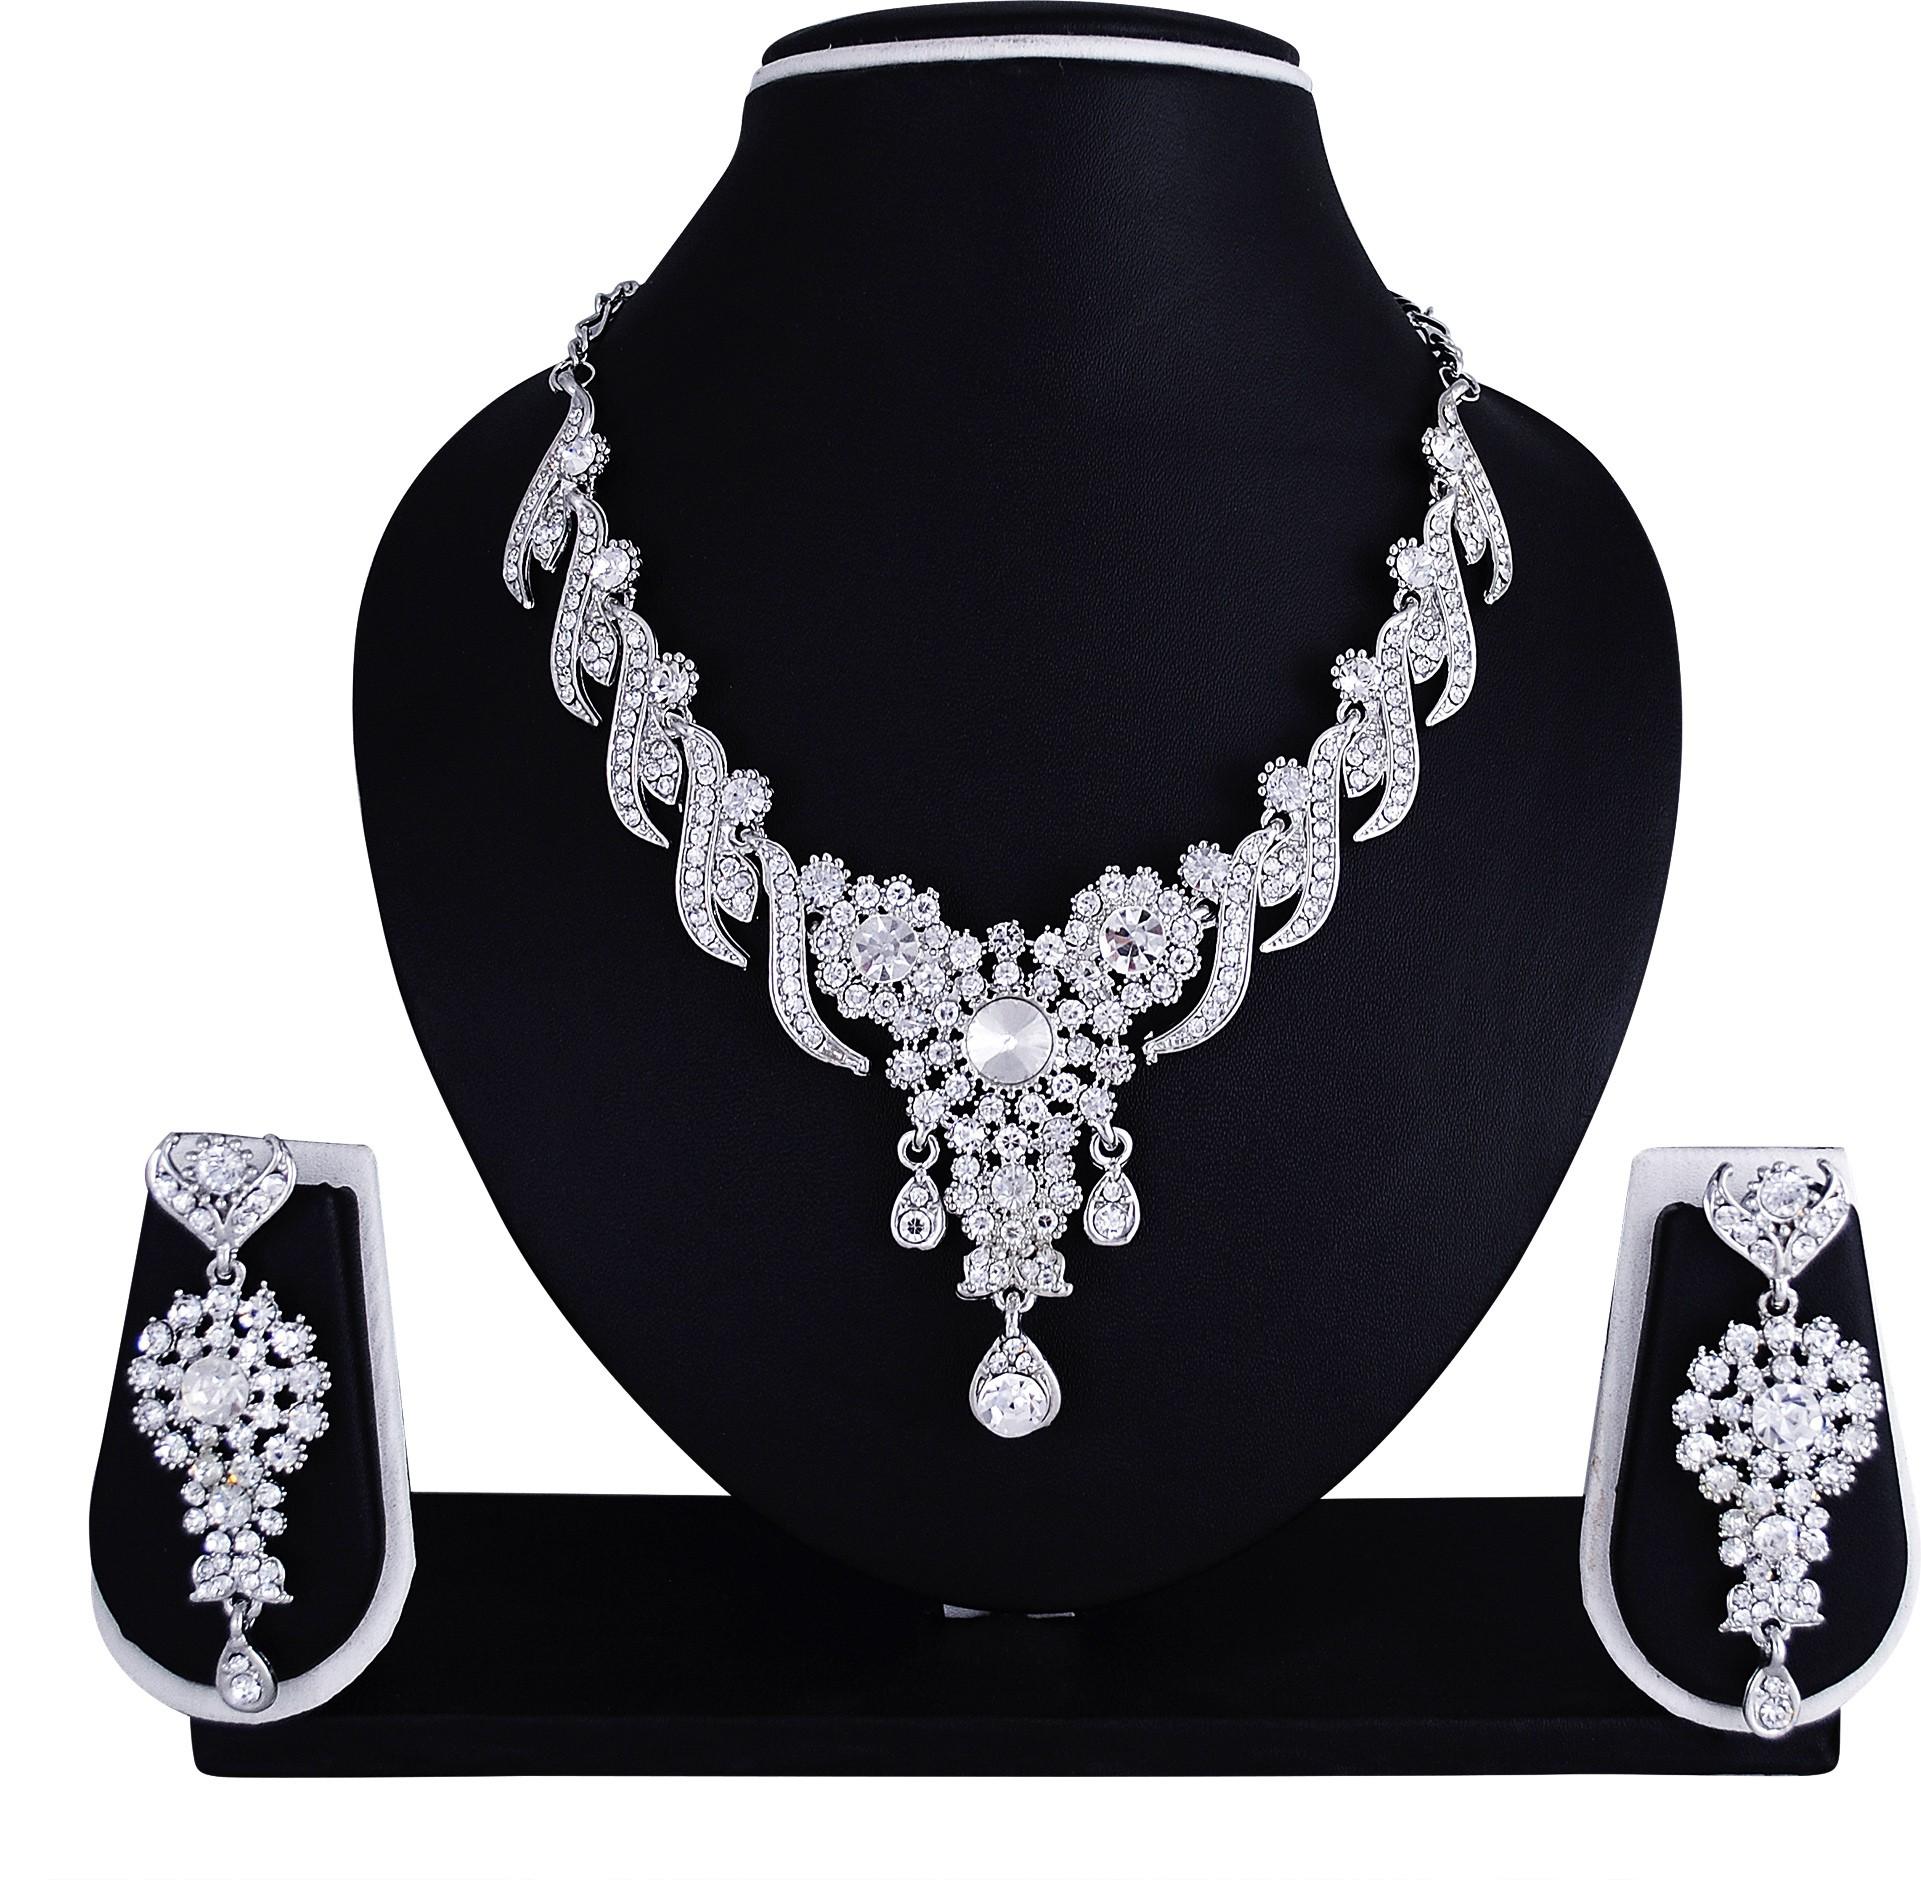 Deals - Delhi - Fashion Jewellery <br> Earrings, Jewellery Sets...<br> Category - jewellery<br> Business - Flipkart.com